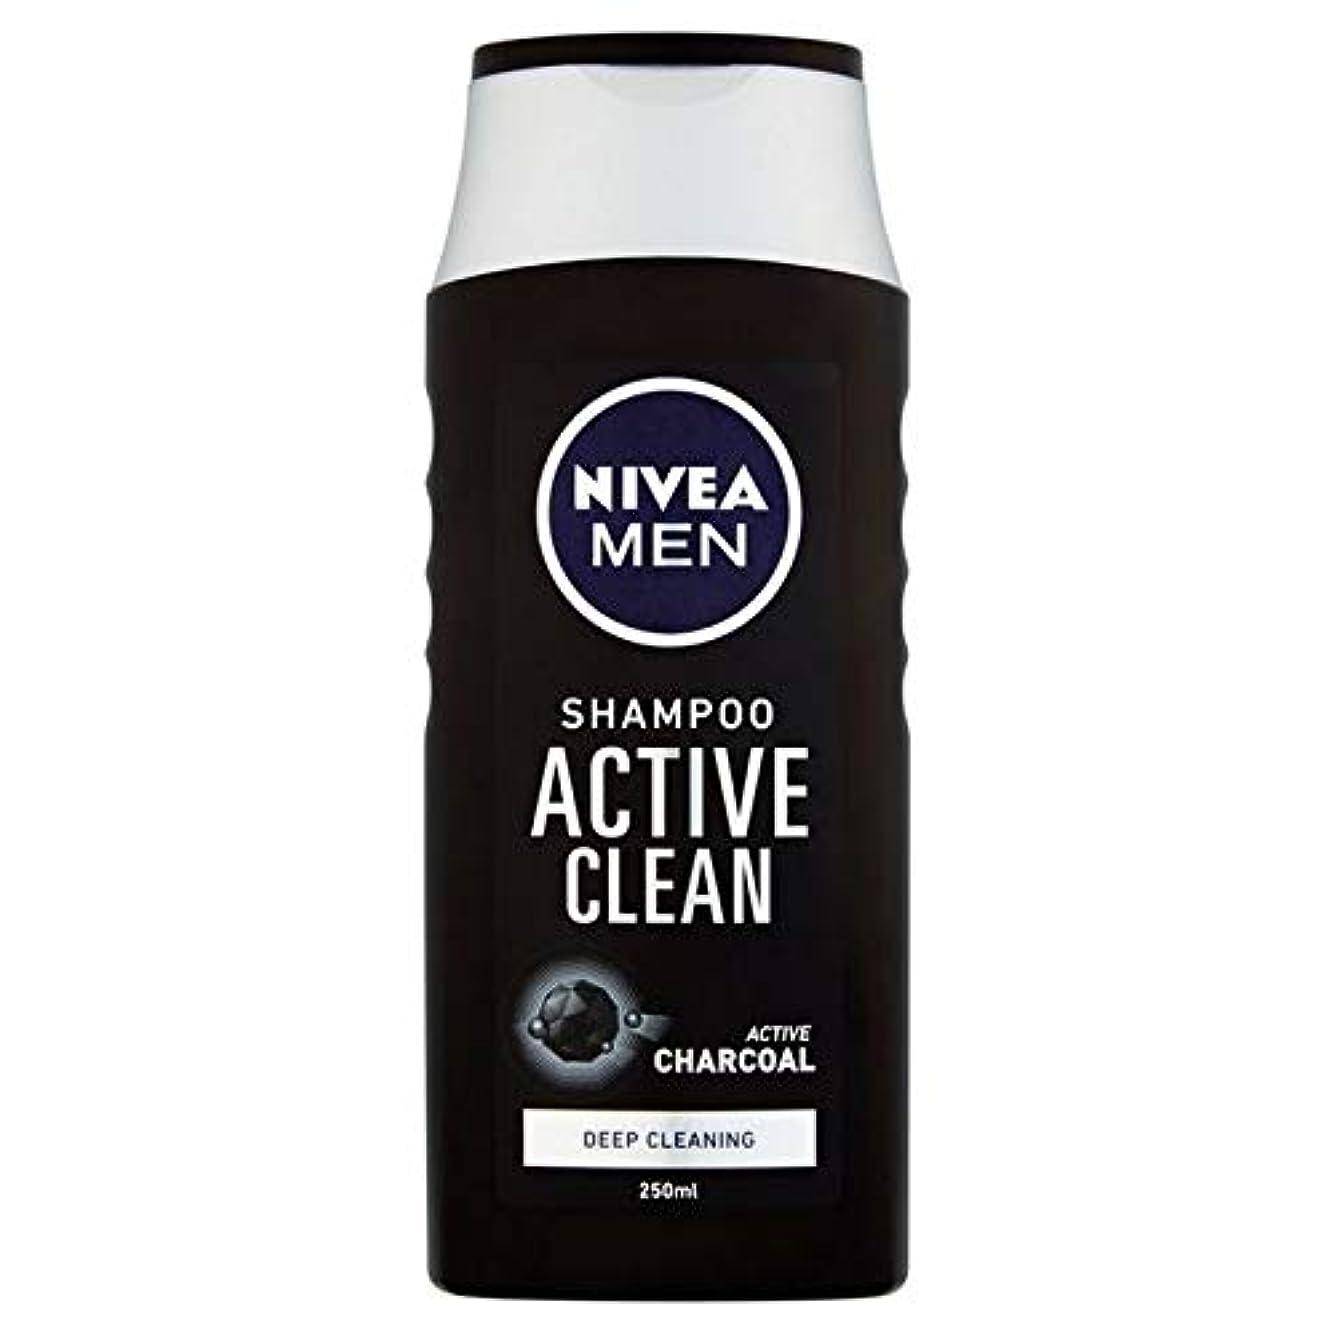 ご覧ください乱気流ストロー[Nivea ] ニベア男性はアクティブクリーン250ミリリットルシャンプー - NIVEA MEN Shampoo Active Clean 250ml [並行輸入品]